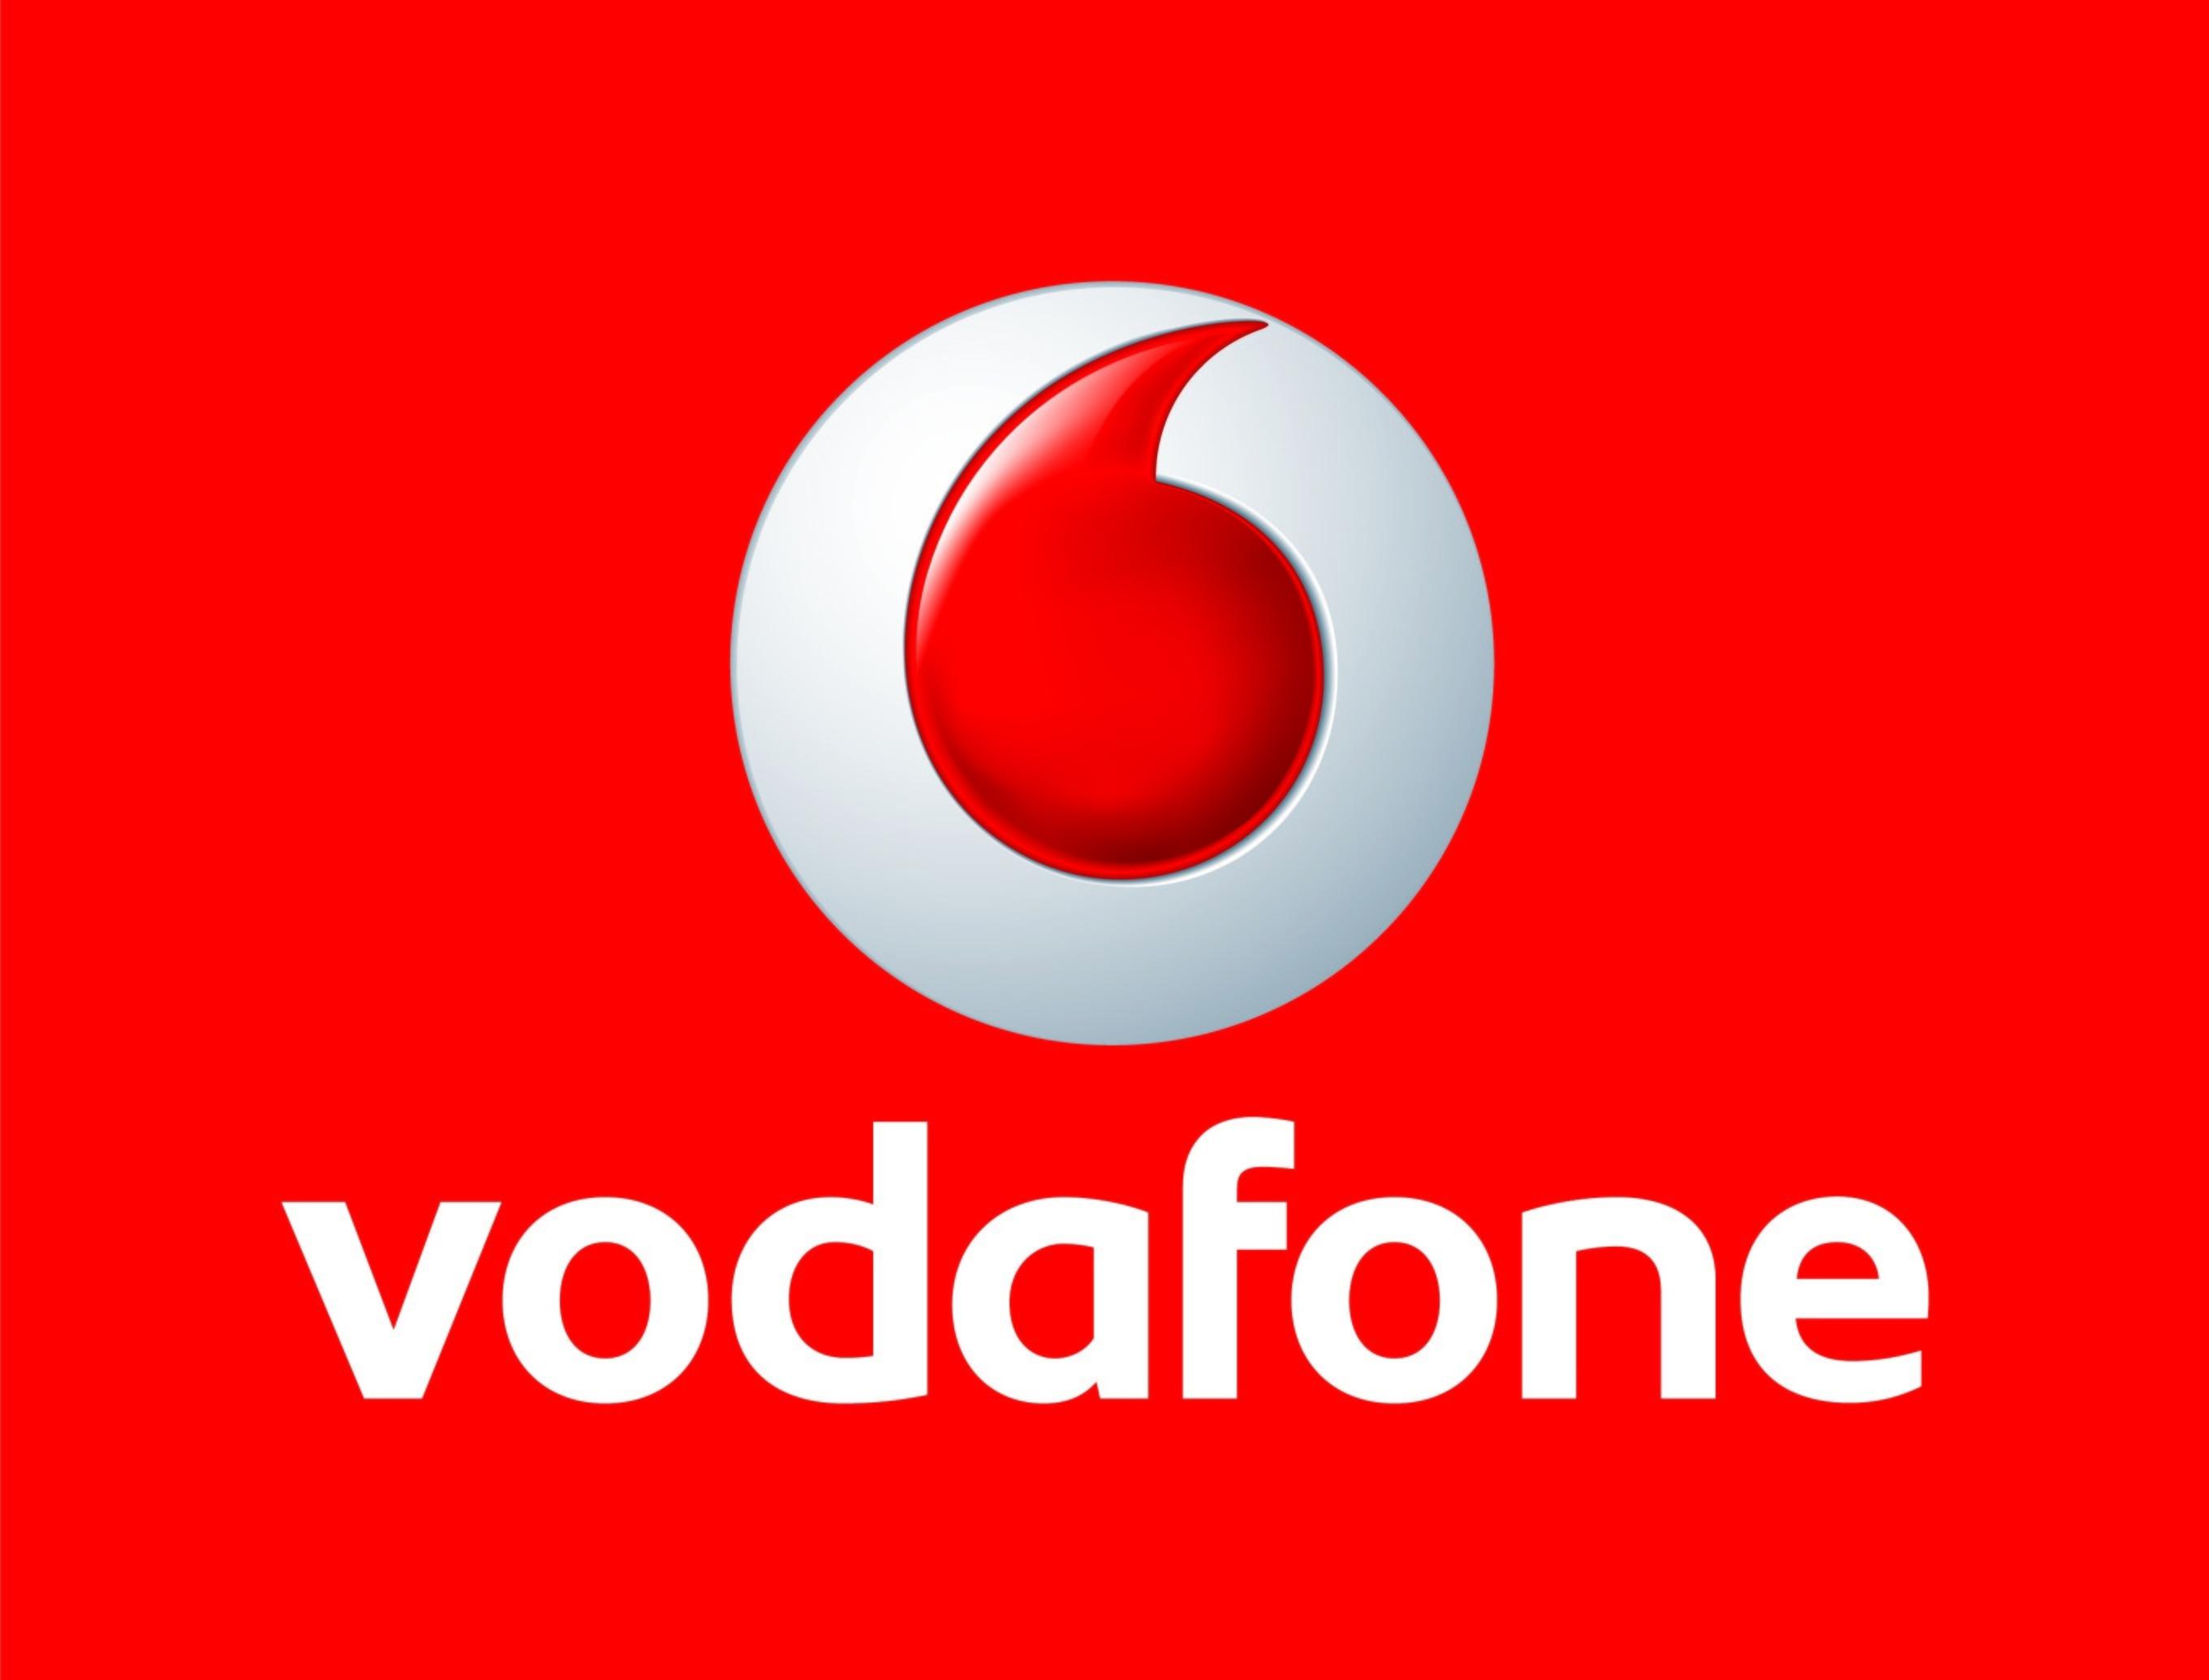 В Vodafone рассказали, как Украинцы пользовались мобильными услугами в праздничные дни